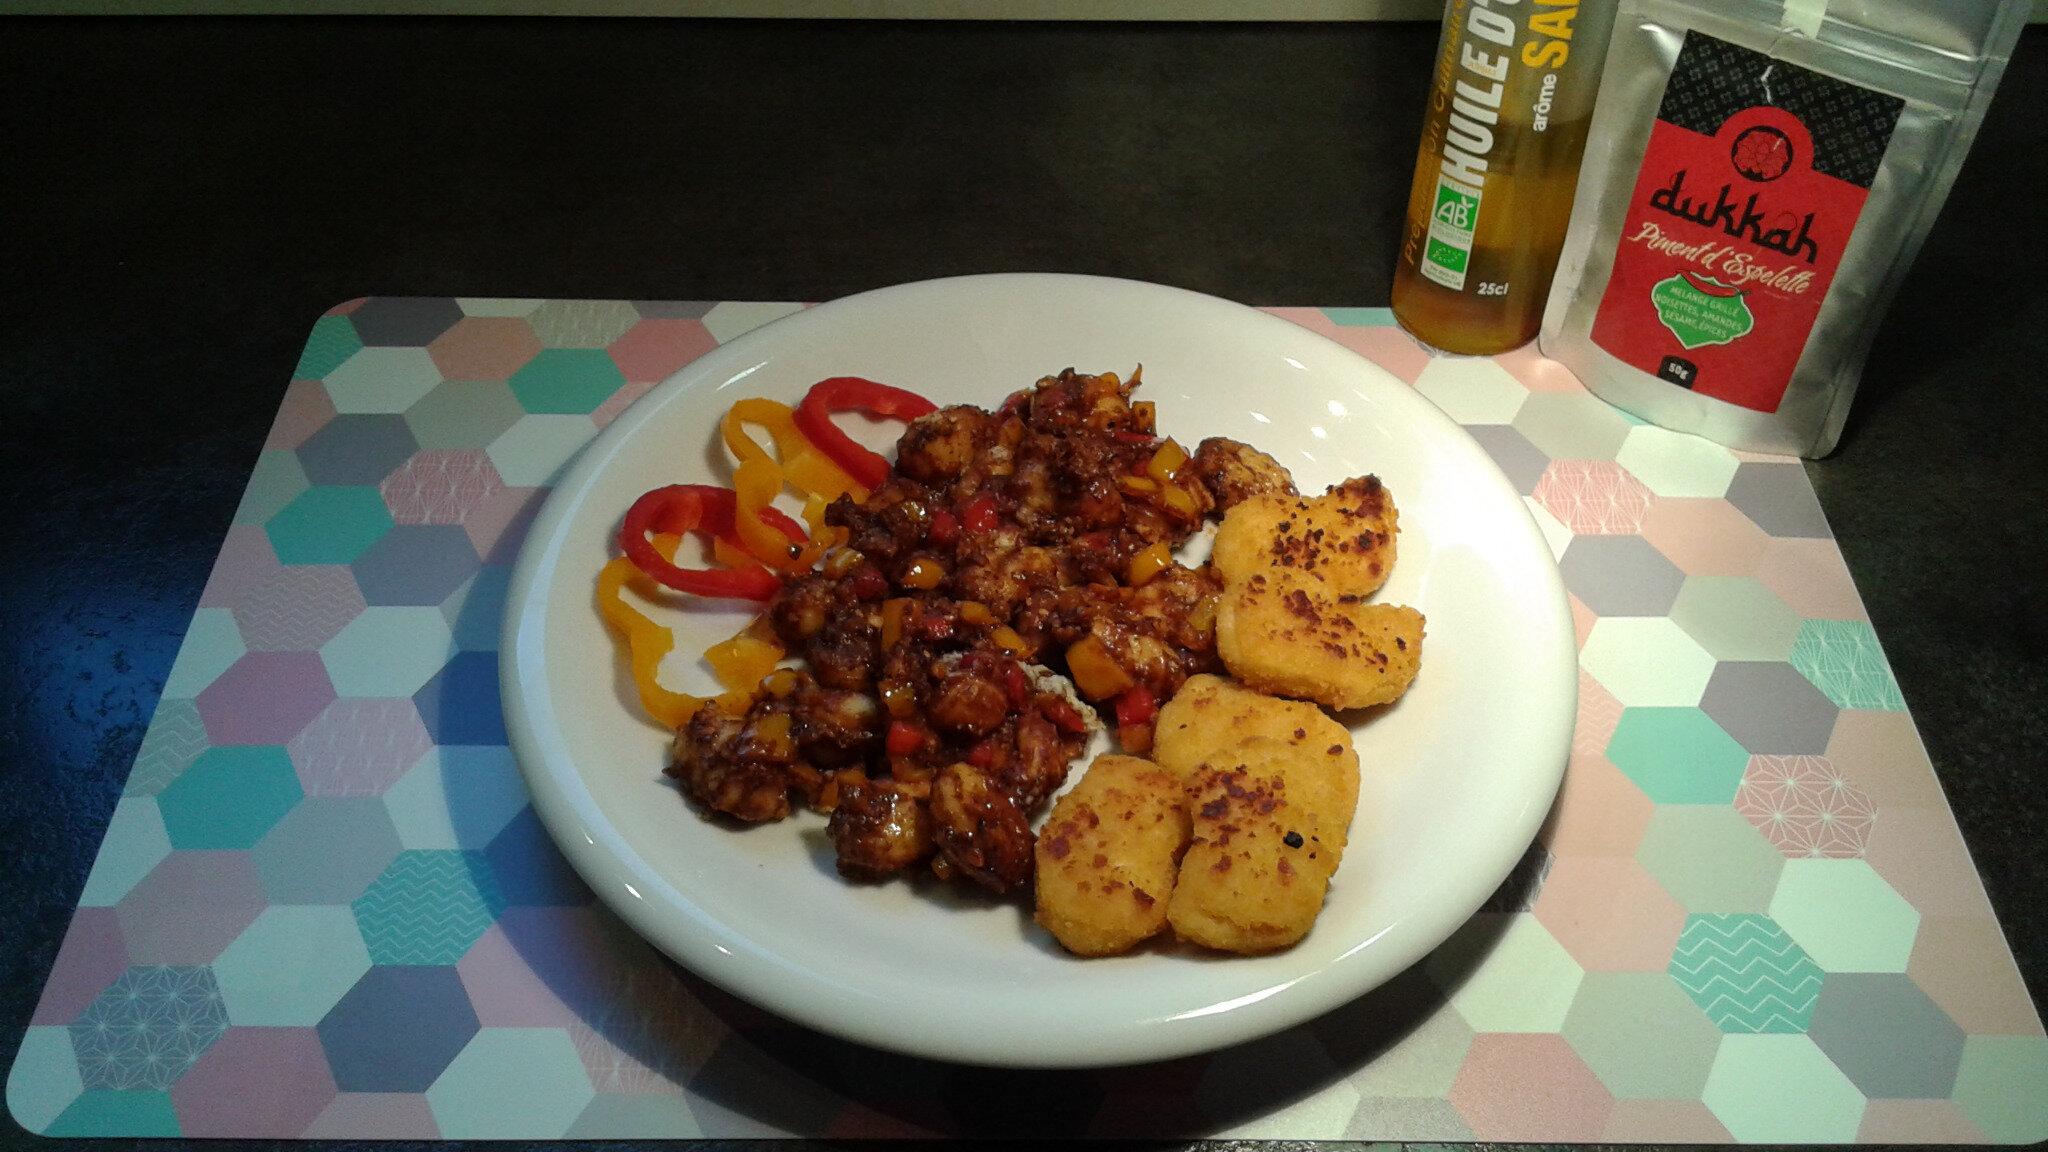 Gratin de gnocchi au safran, parmesan et dukkah sauce tomat'o pruno